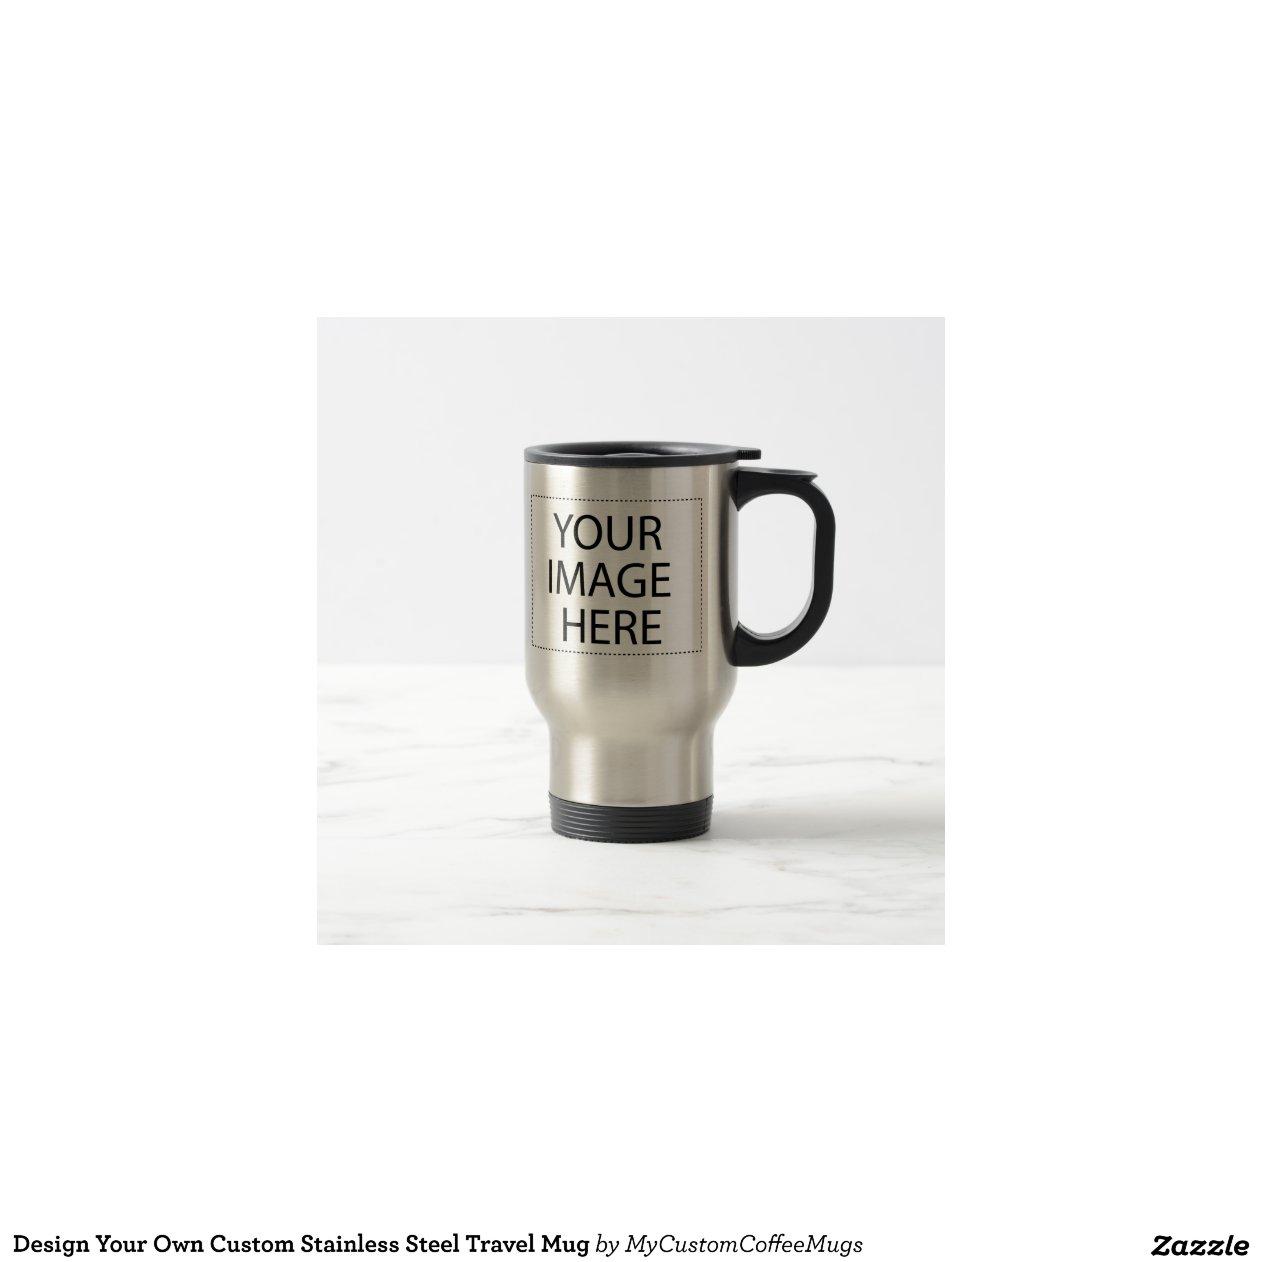 Design Your Own Custom Stainless Steel Travel Mug